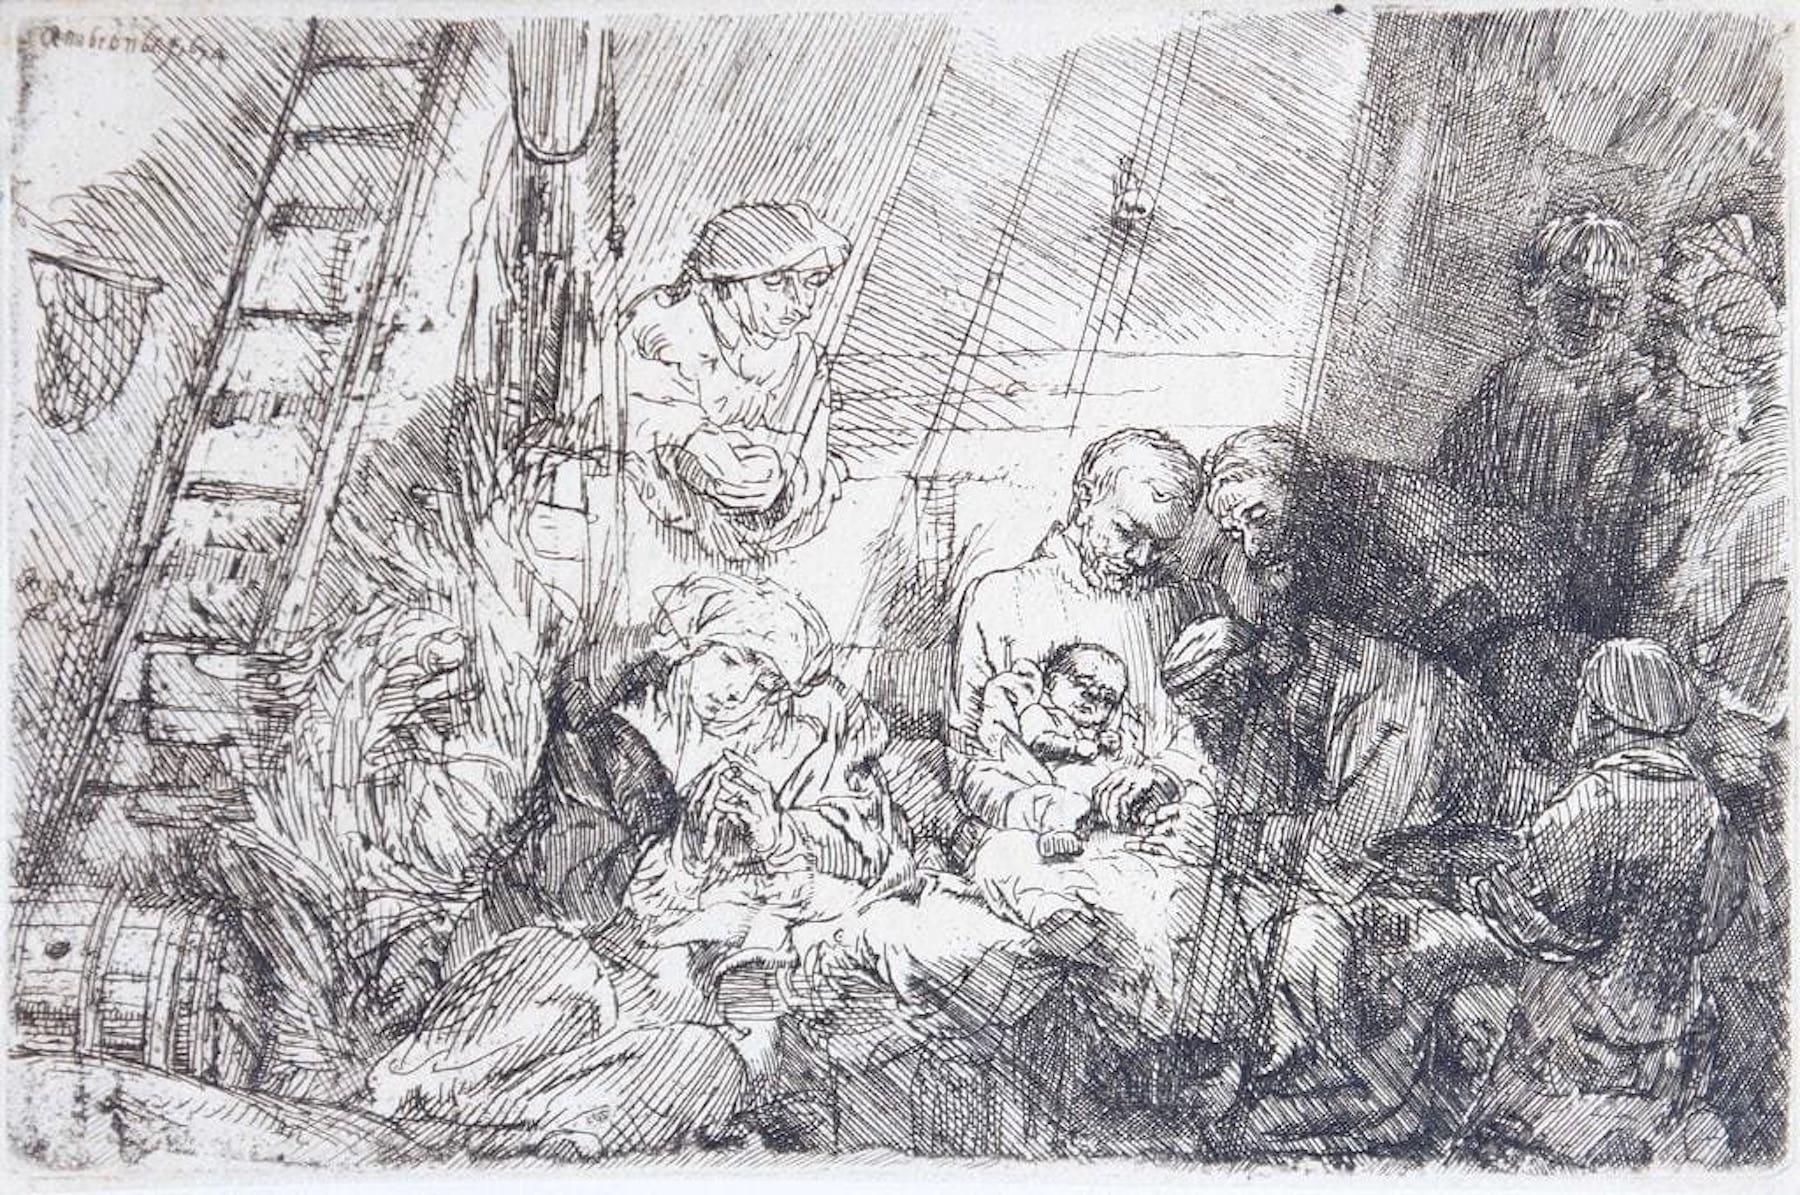 La circoncision dans l'étable - Original Etching by Rembrandt - 1654